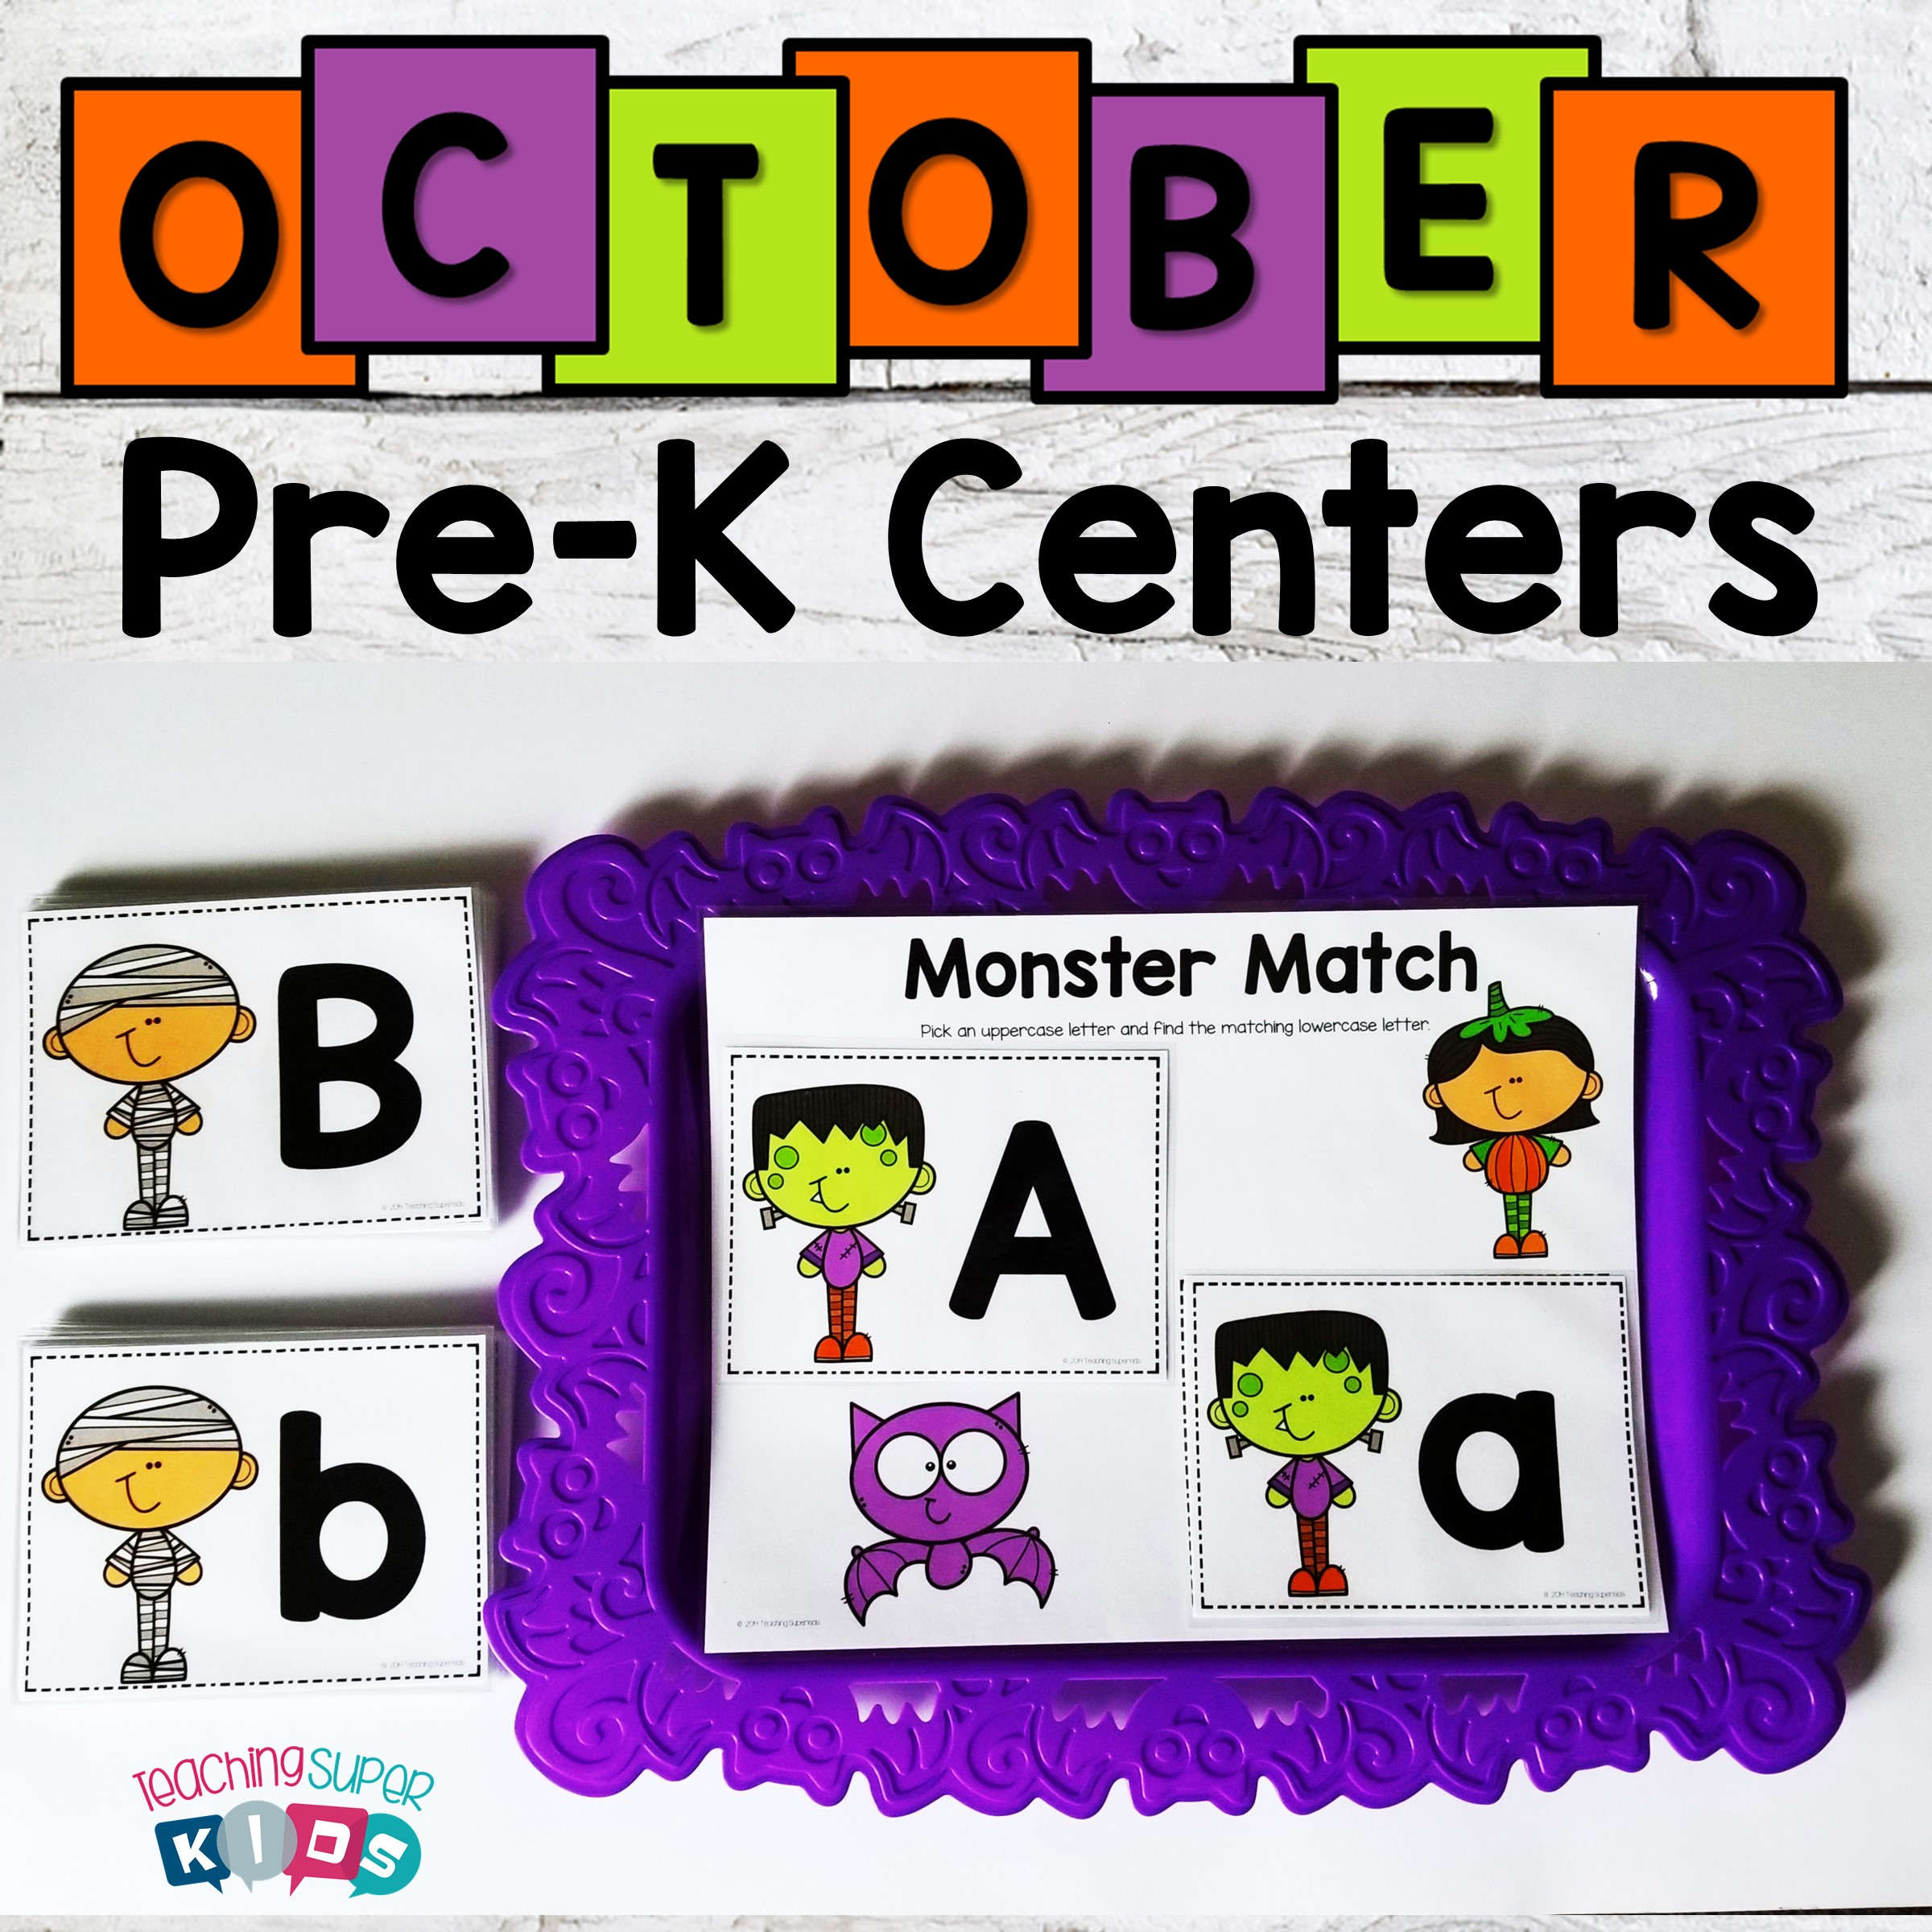 October Preschool Centers - Teaching Superkids